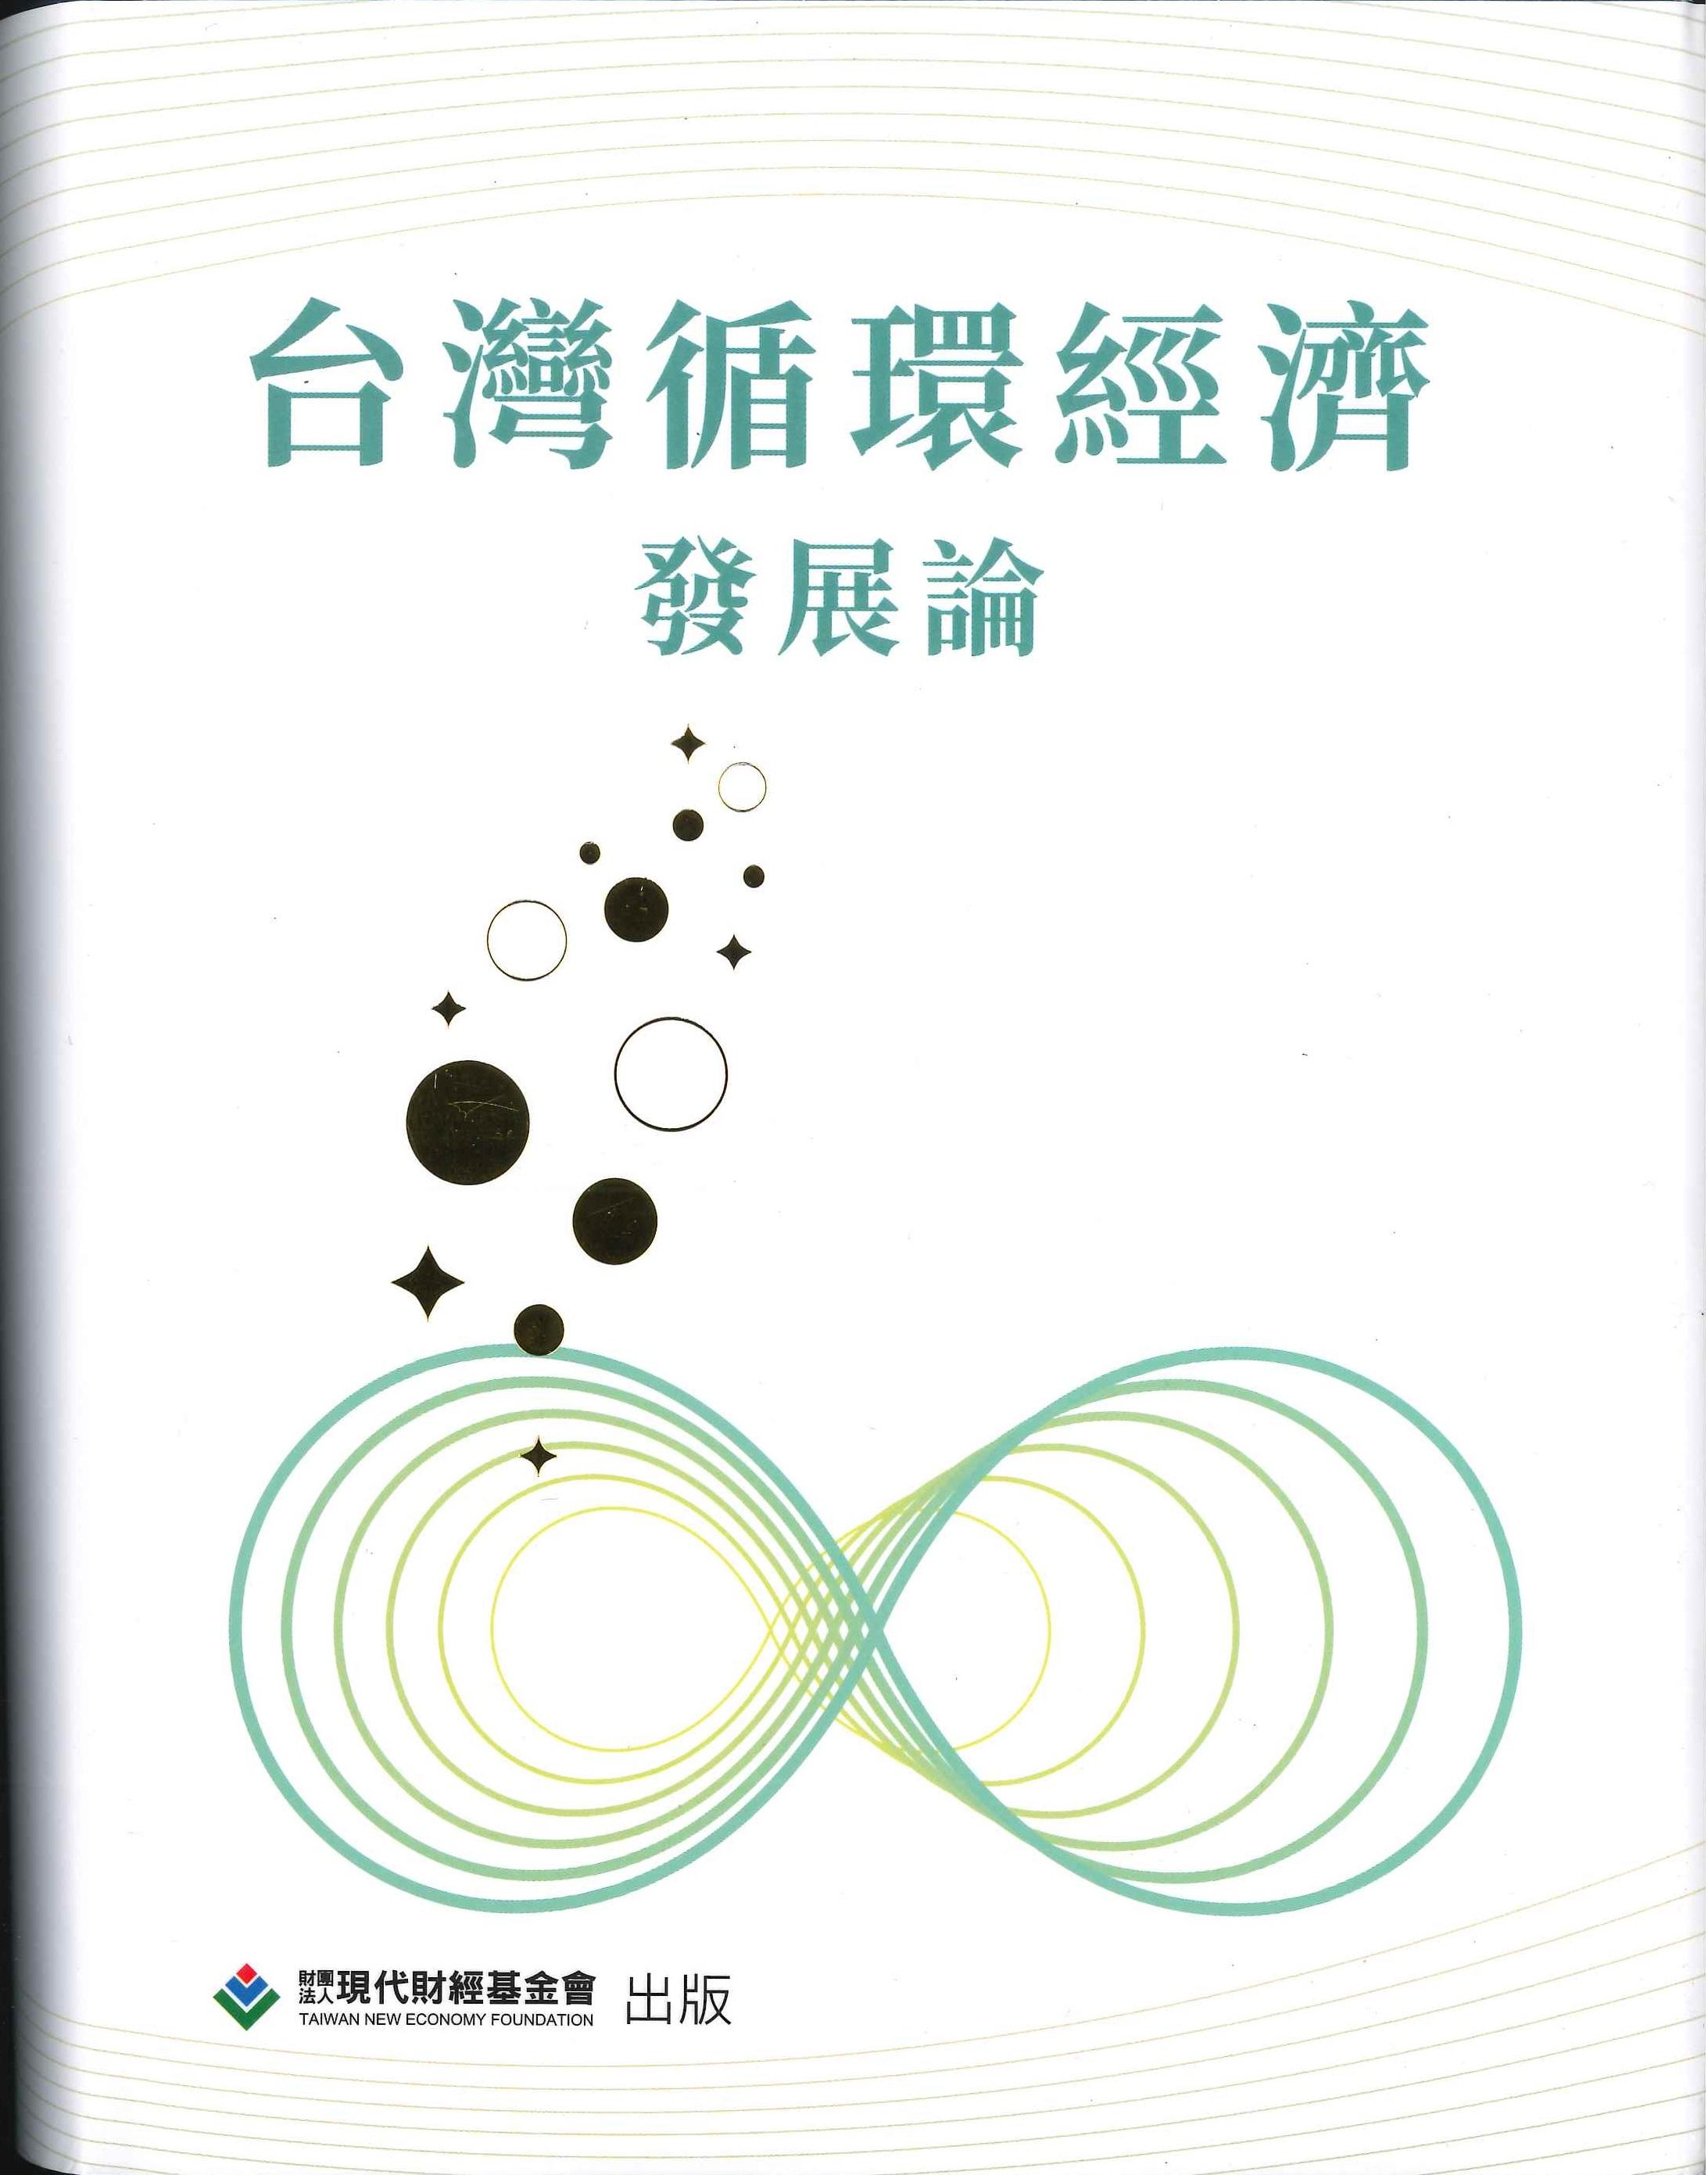 台灣循環經濟發展論